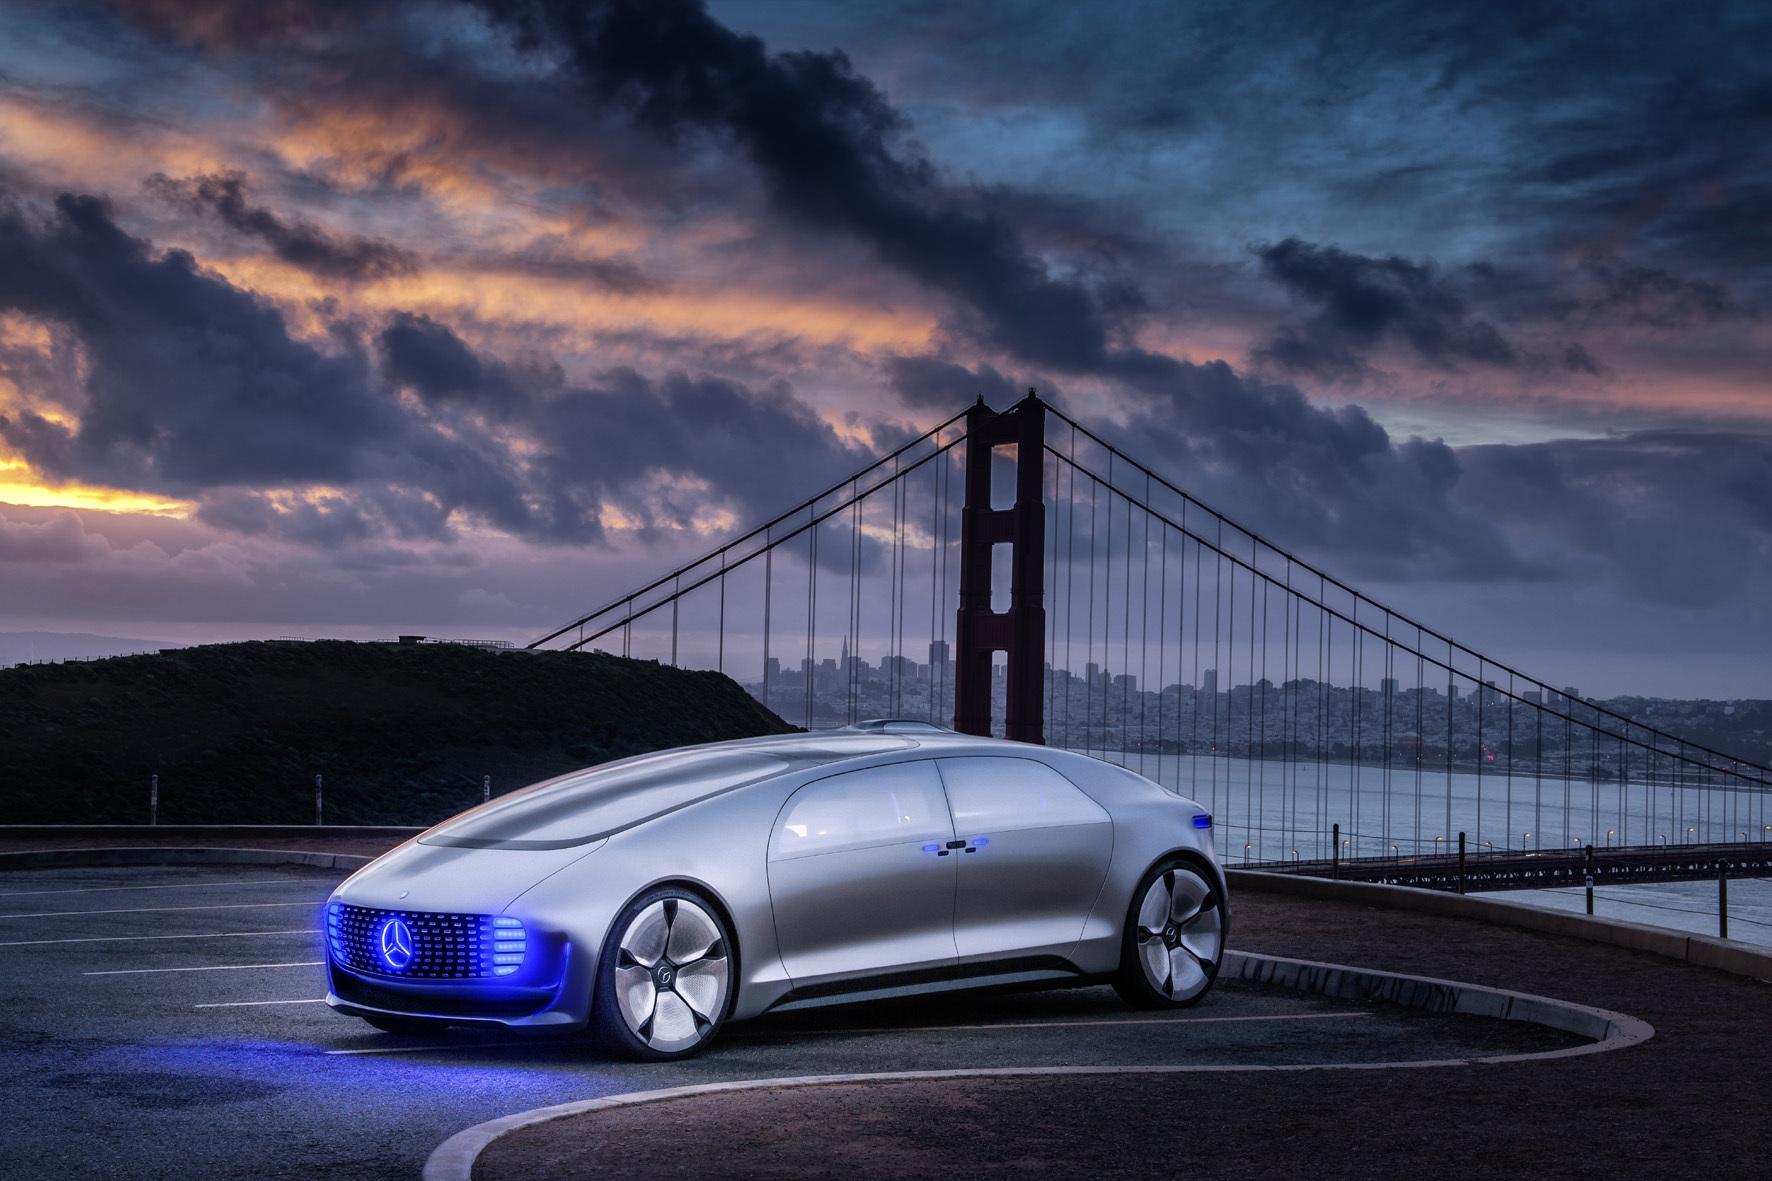 mid Groß-Gerau - Dunkle Wolken hängen derzeit über dem Megatrend Autonomes Fahren. Daimler ist wegen Aussagen zur Programmierung in der Kritik, zu Recht?